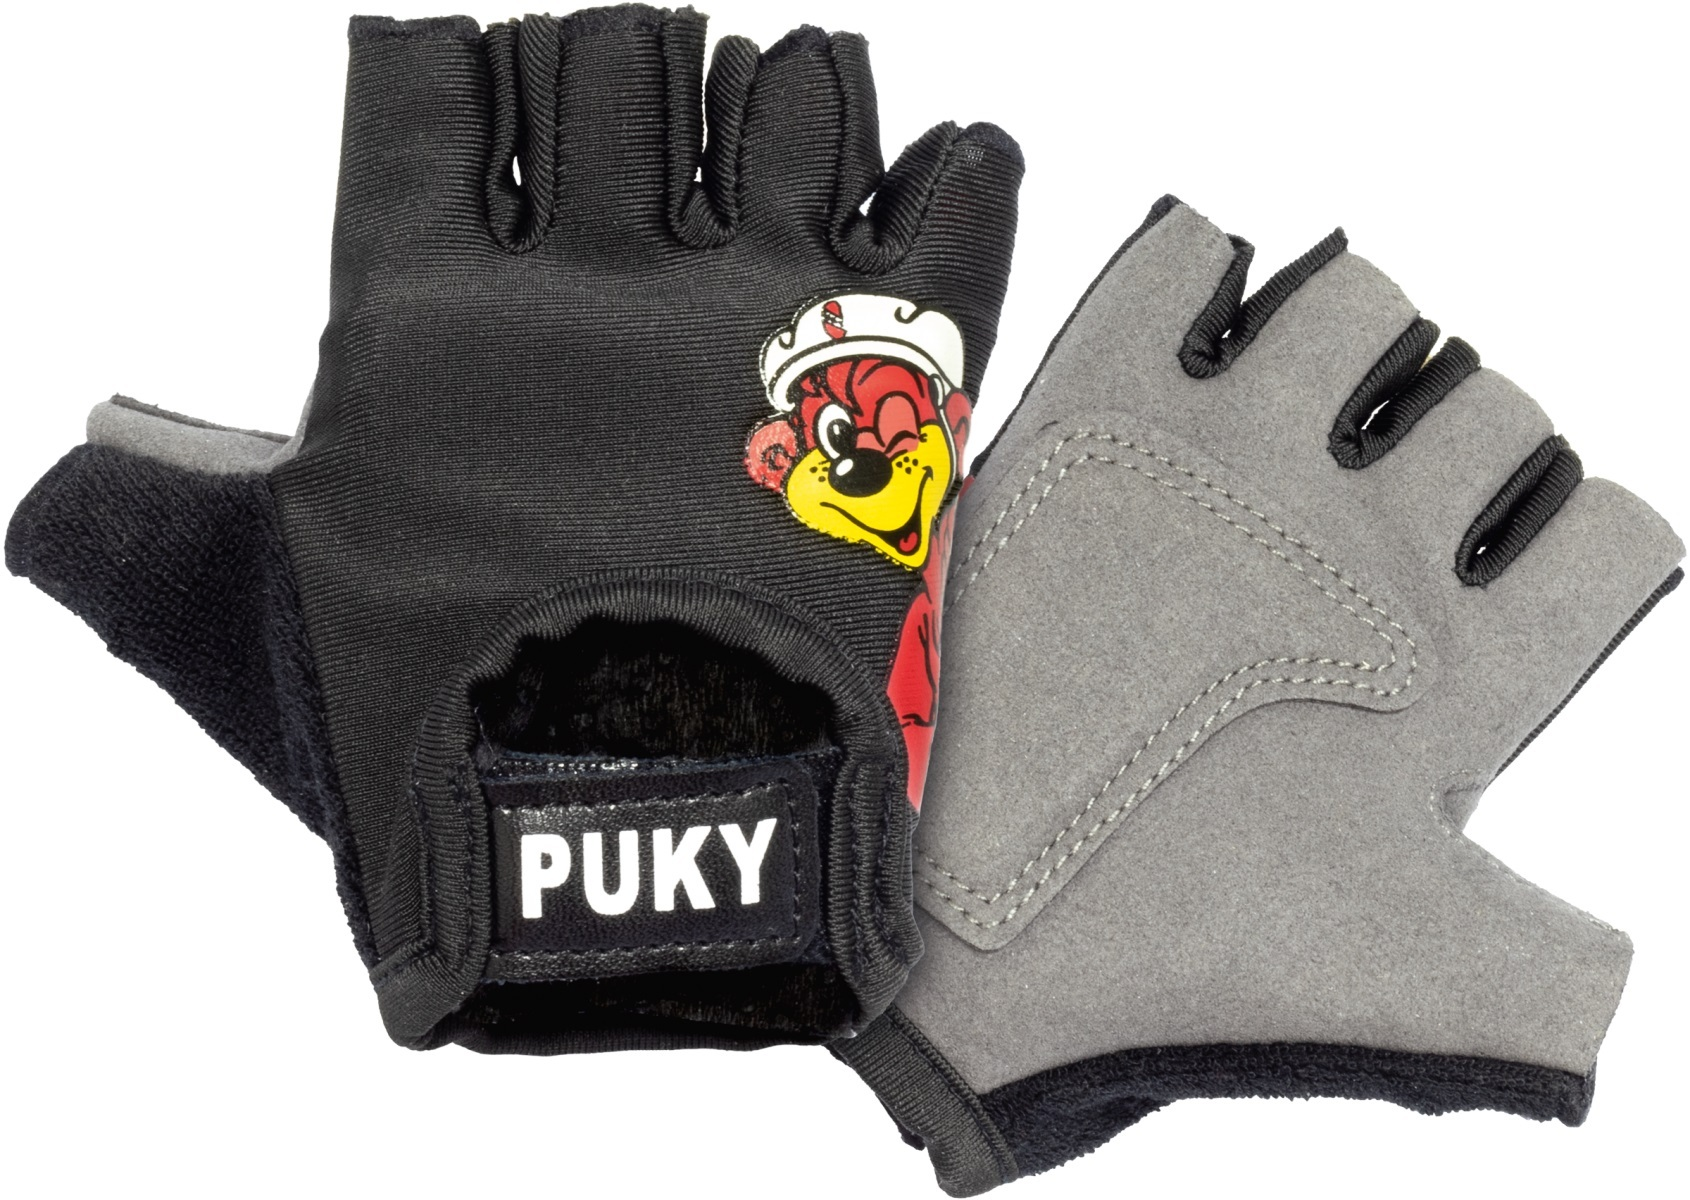 PUKY Cyklistické rukavice S - čierne